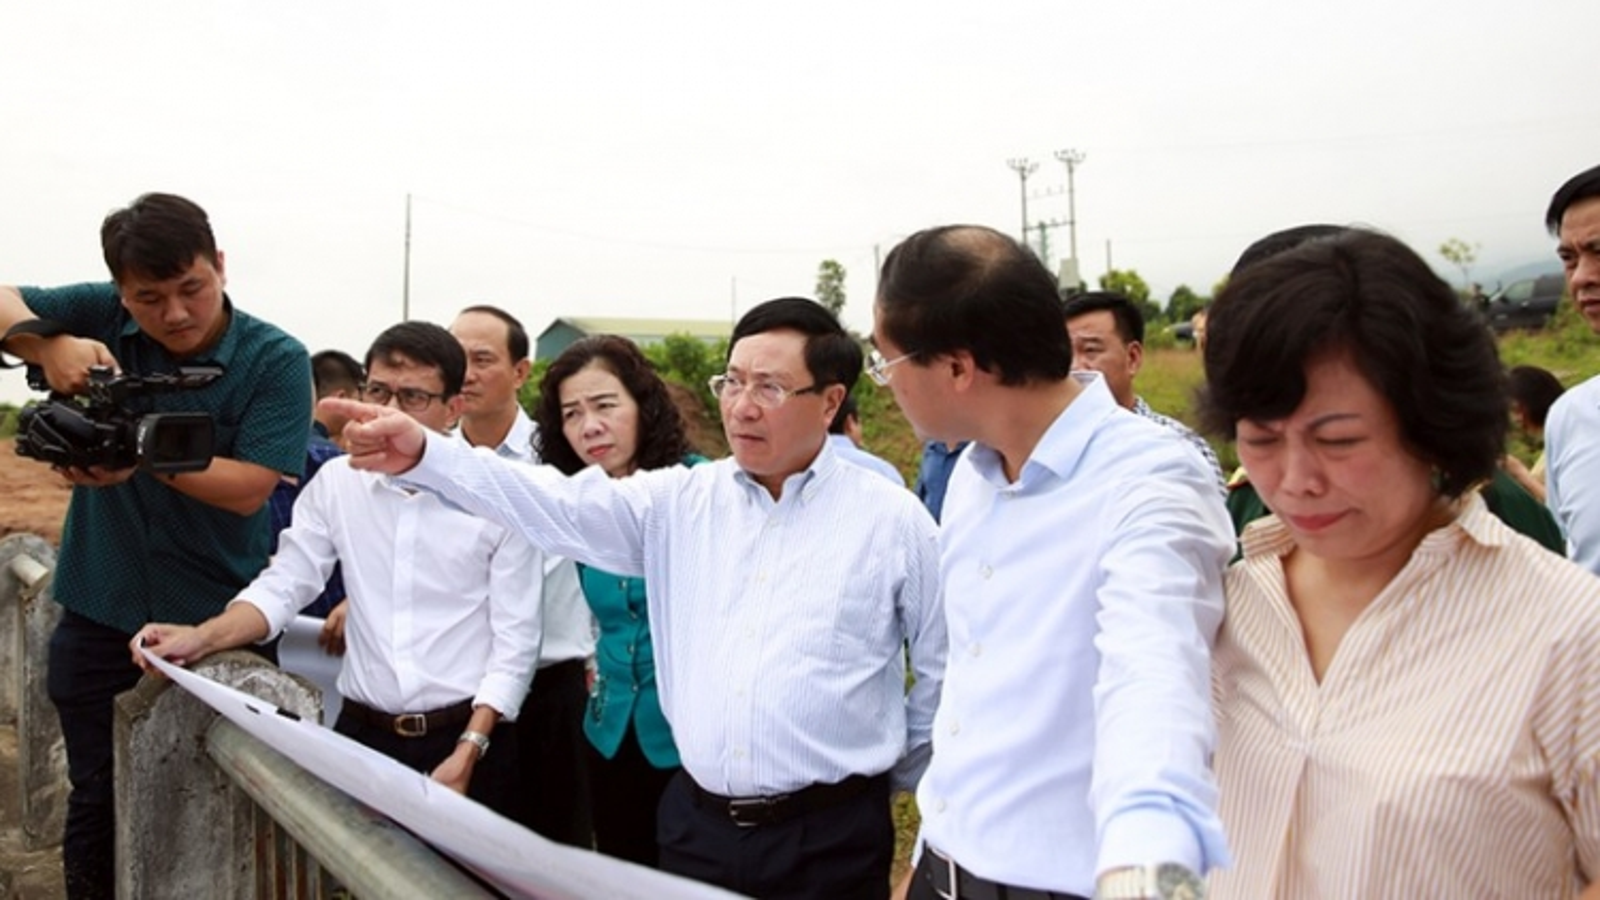 Phó Thủ tướng Phạm Binh Minh thị sát khu vực biên giới tại Lào Cai